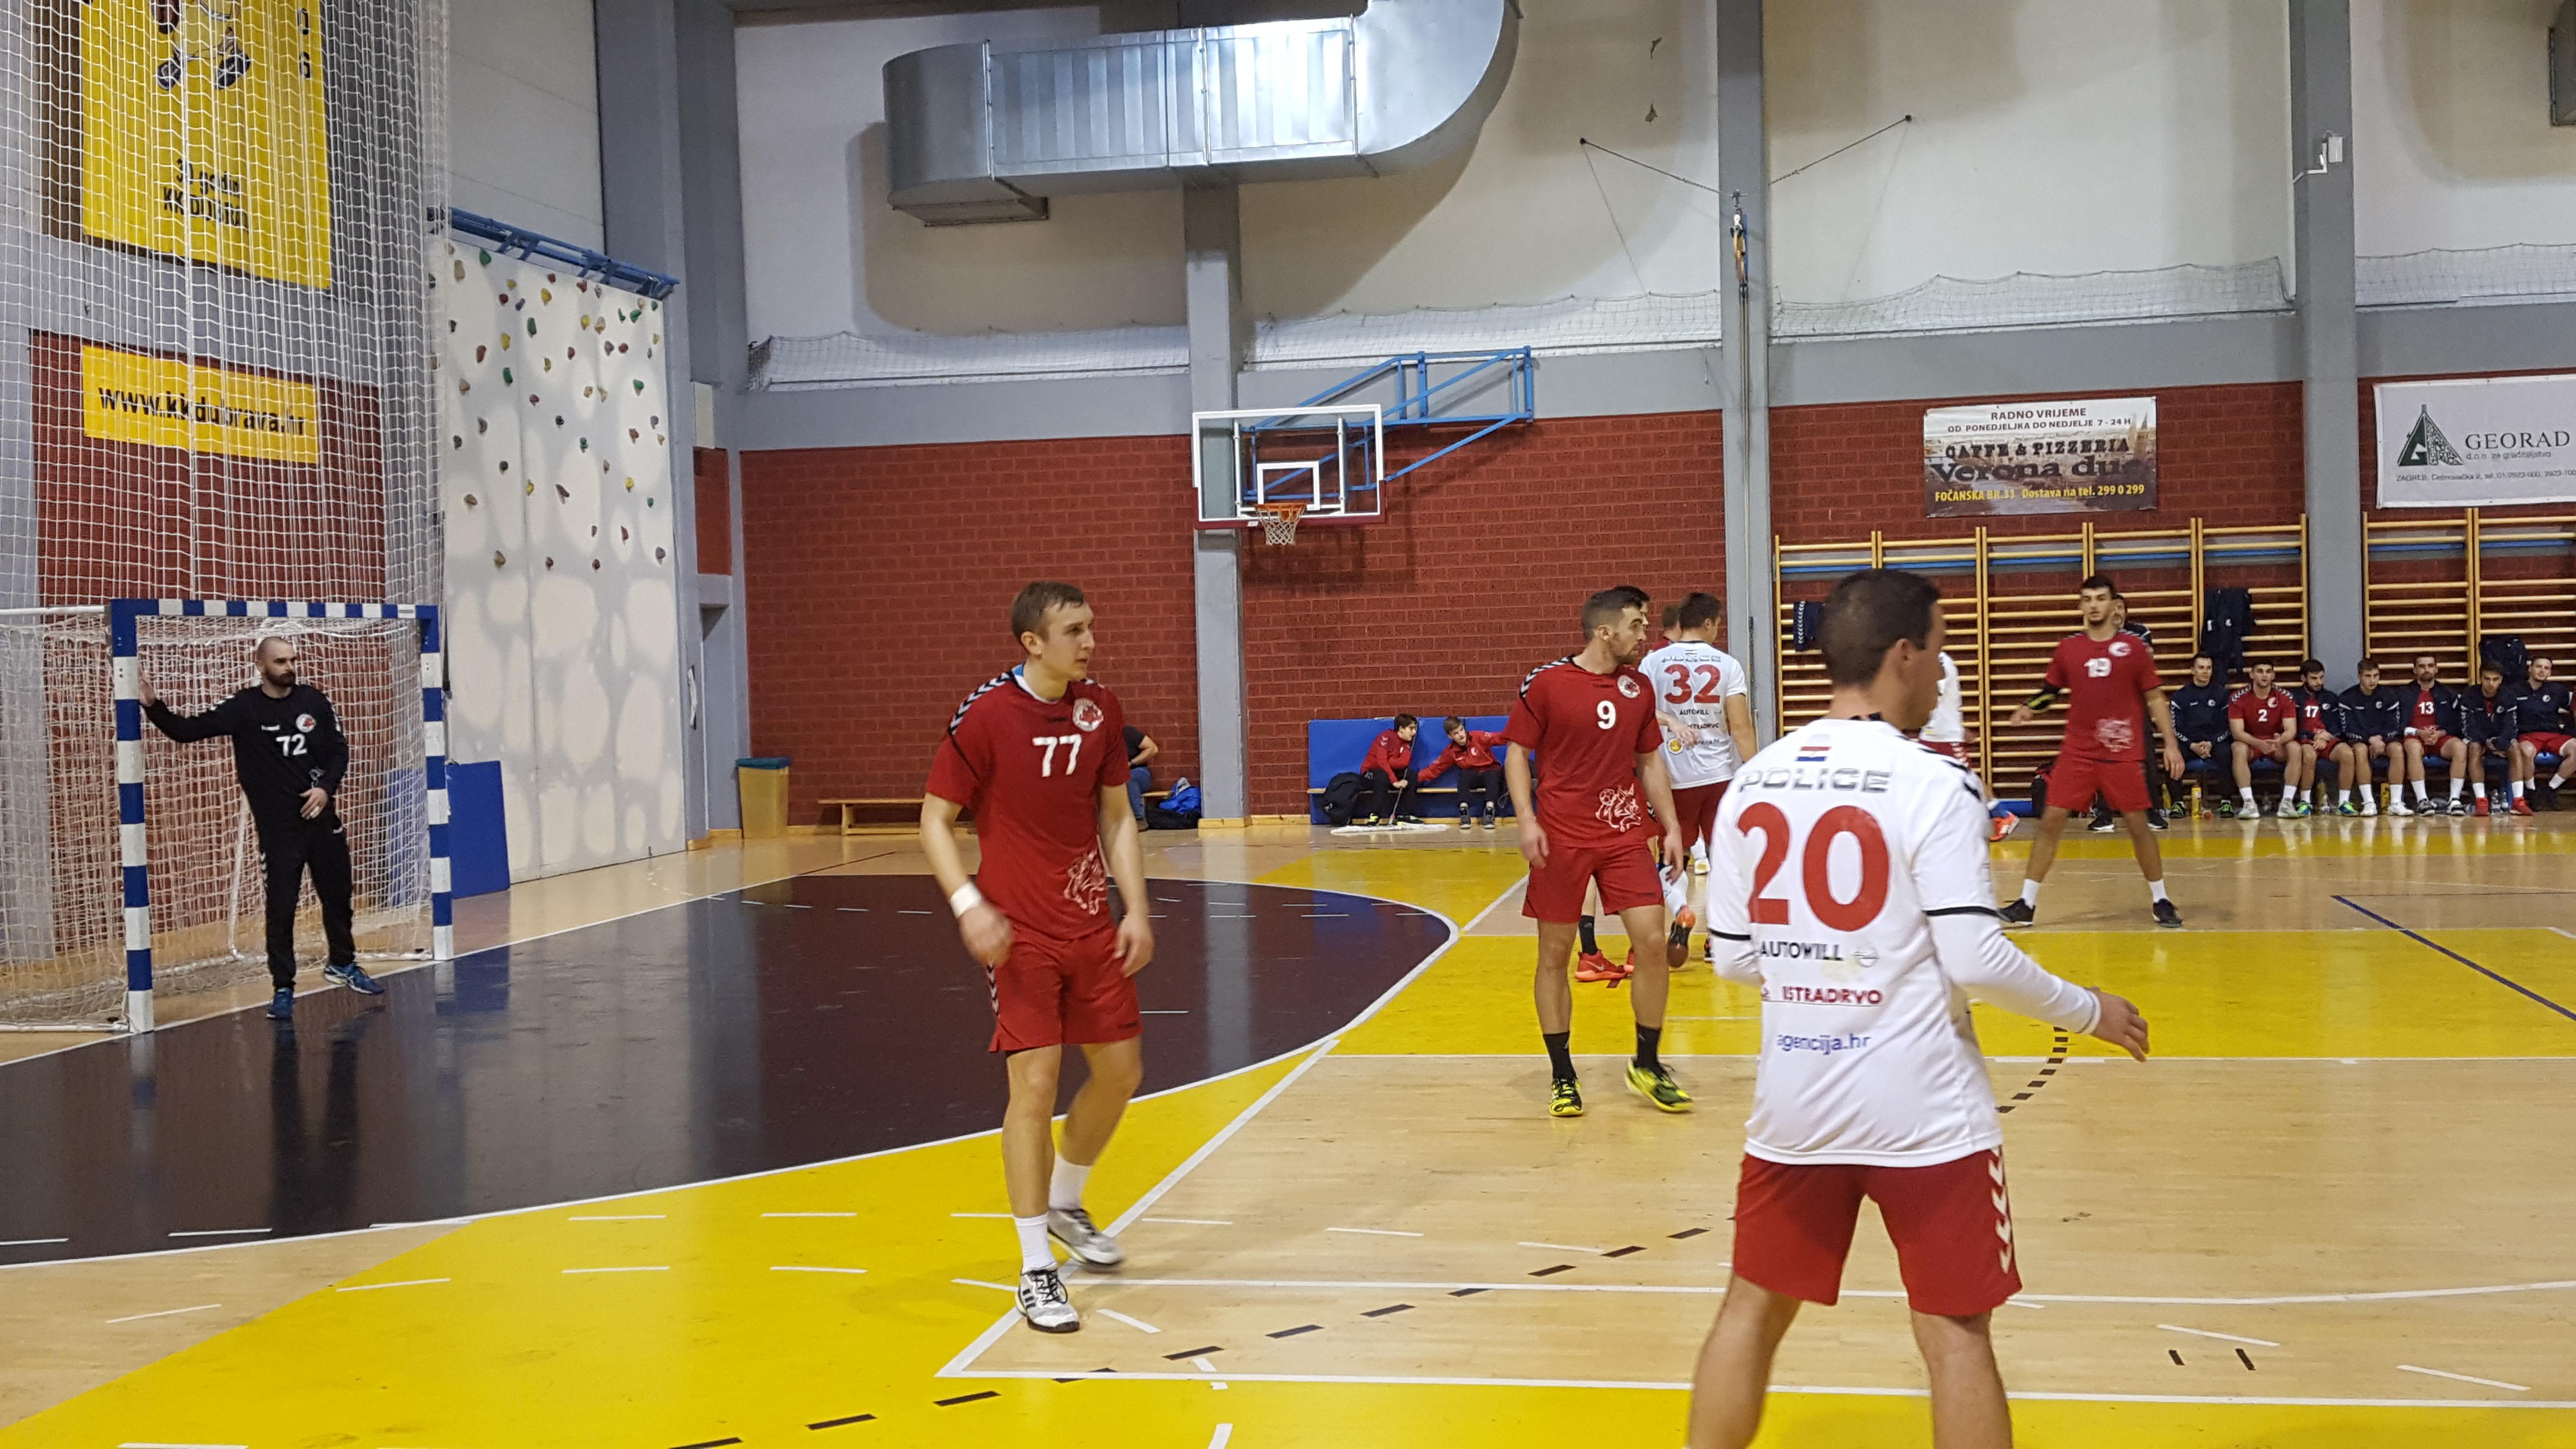 Premijer liga : VEPROVI RUTINSKI DO NOVIH BODOVA